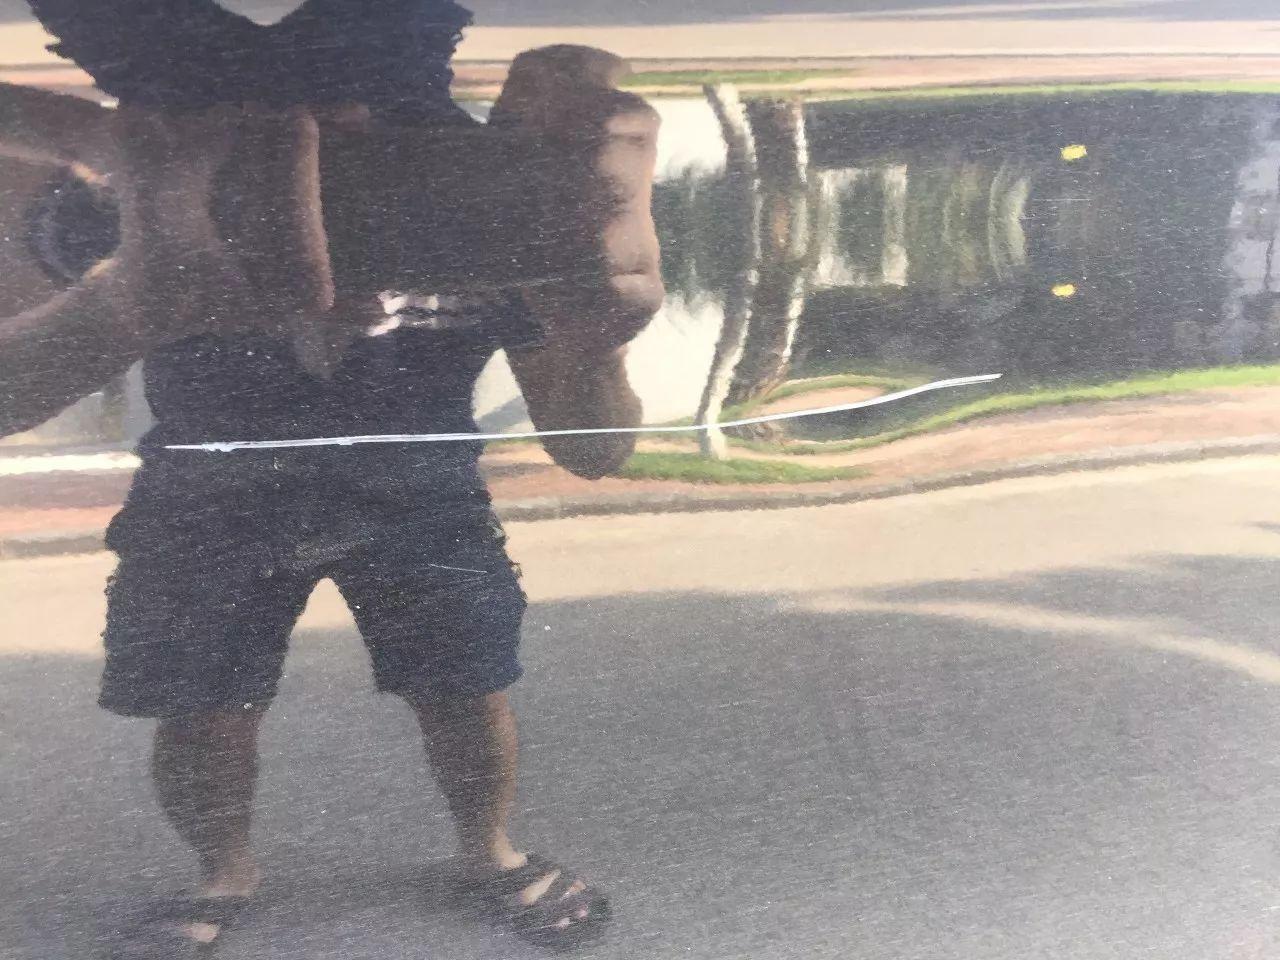 傳瘋了!廣西桂林一大學生刮了?別人的車?跑了,大家卻為他點贊!?